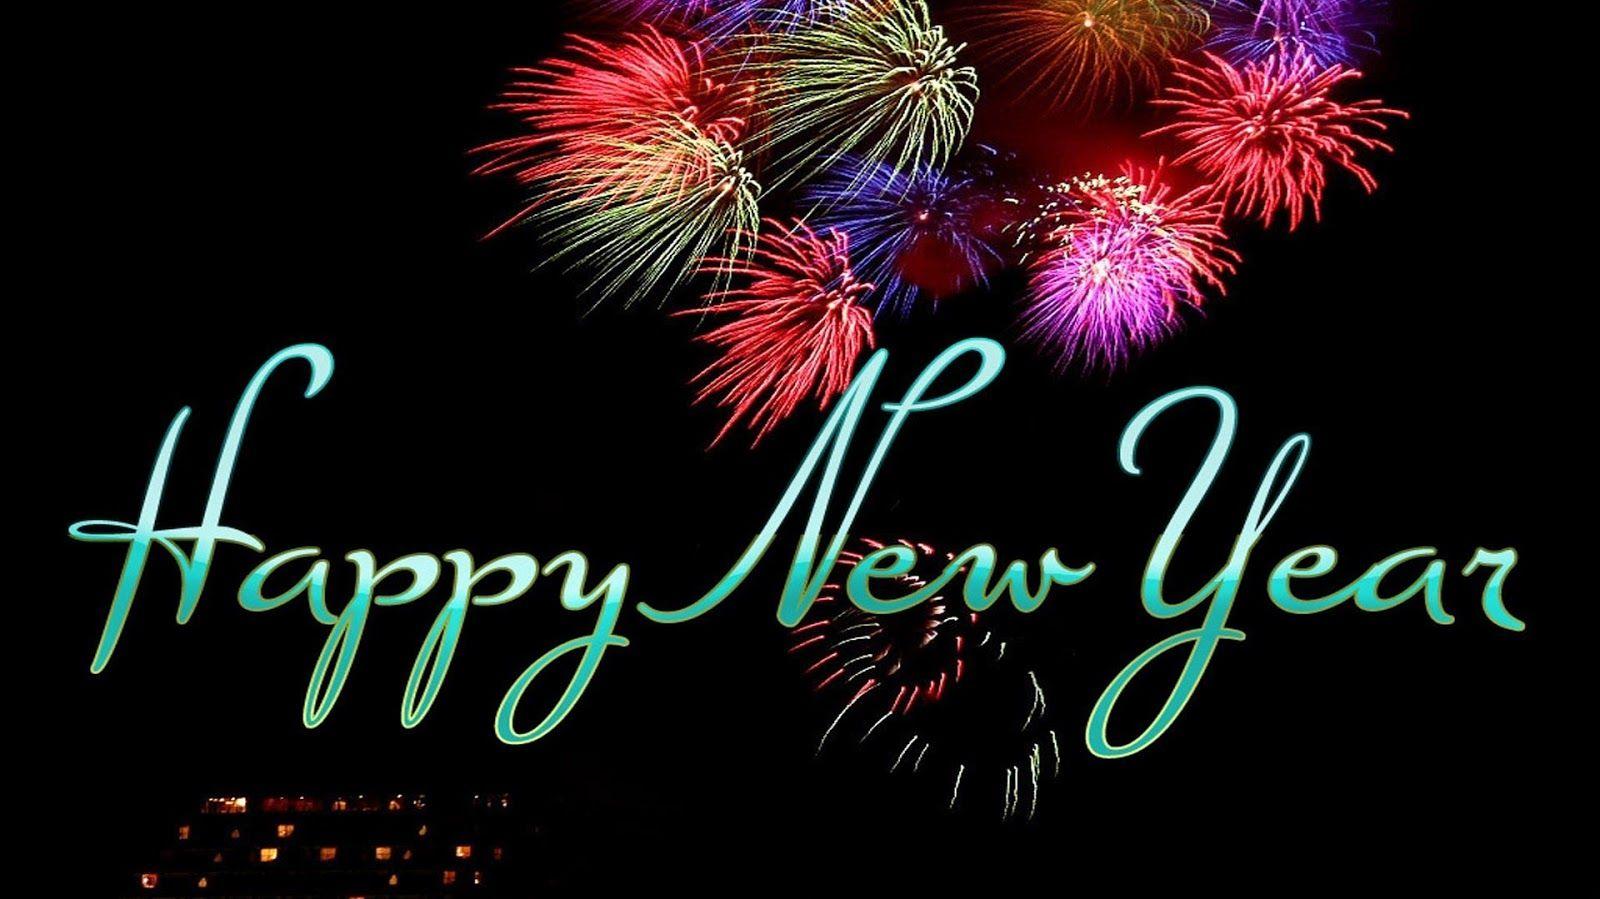 Happy New Year Whatsapp Status Happy New Year Status Happy New Year Video Status Happy N Happy New Year Greetings Happy New Year Images Happy New Year Photo